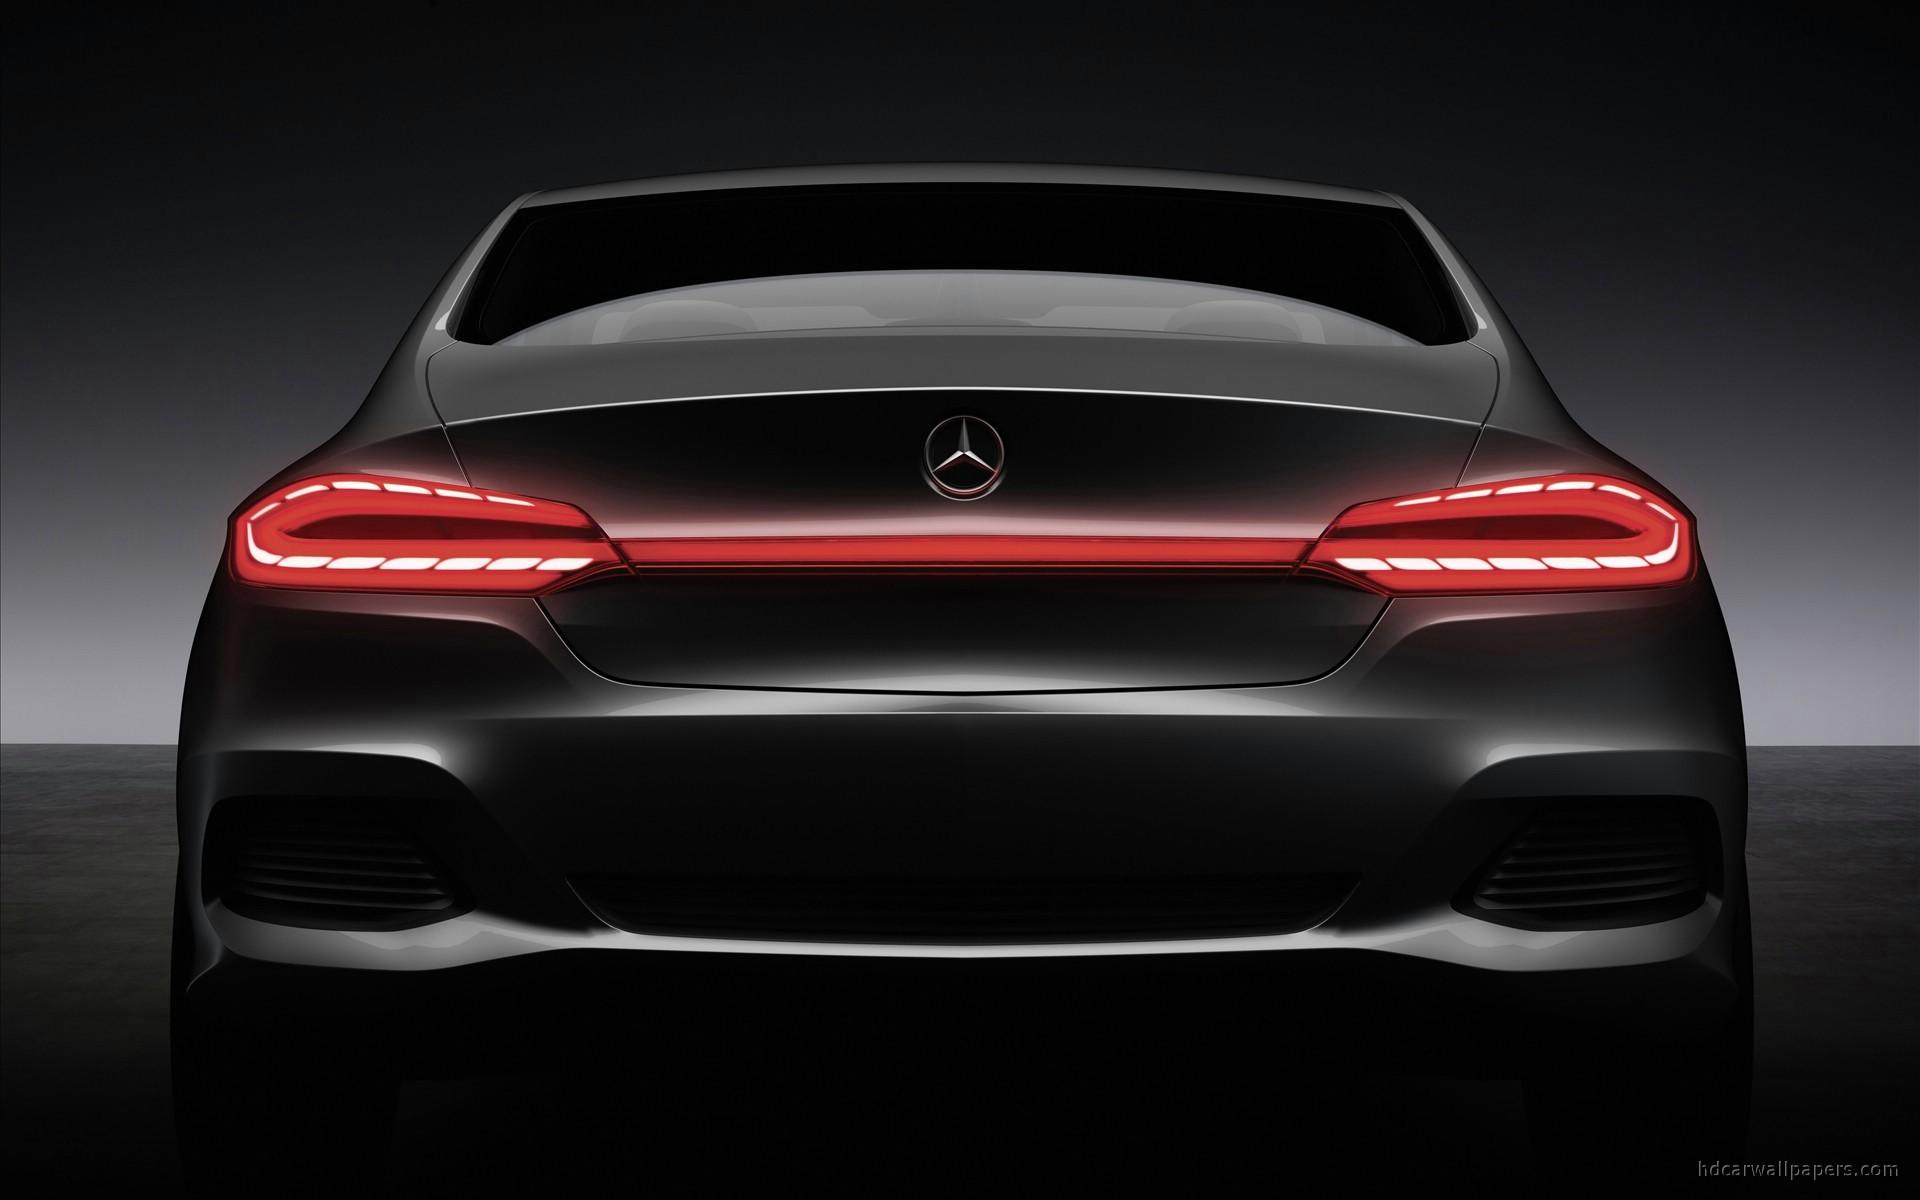 Custom Classic Car Wallpapers 2010 Mercedes Benz F800 Style Concept 5 Wallpaper Hd Car